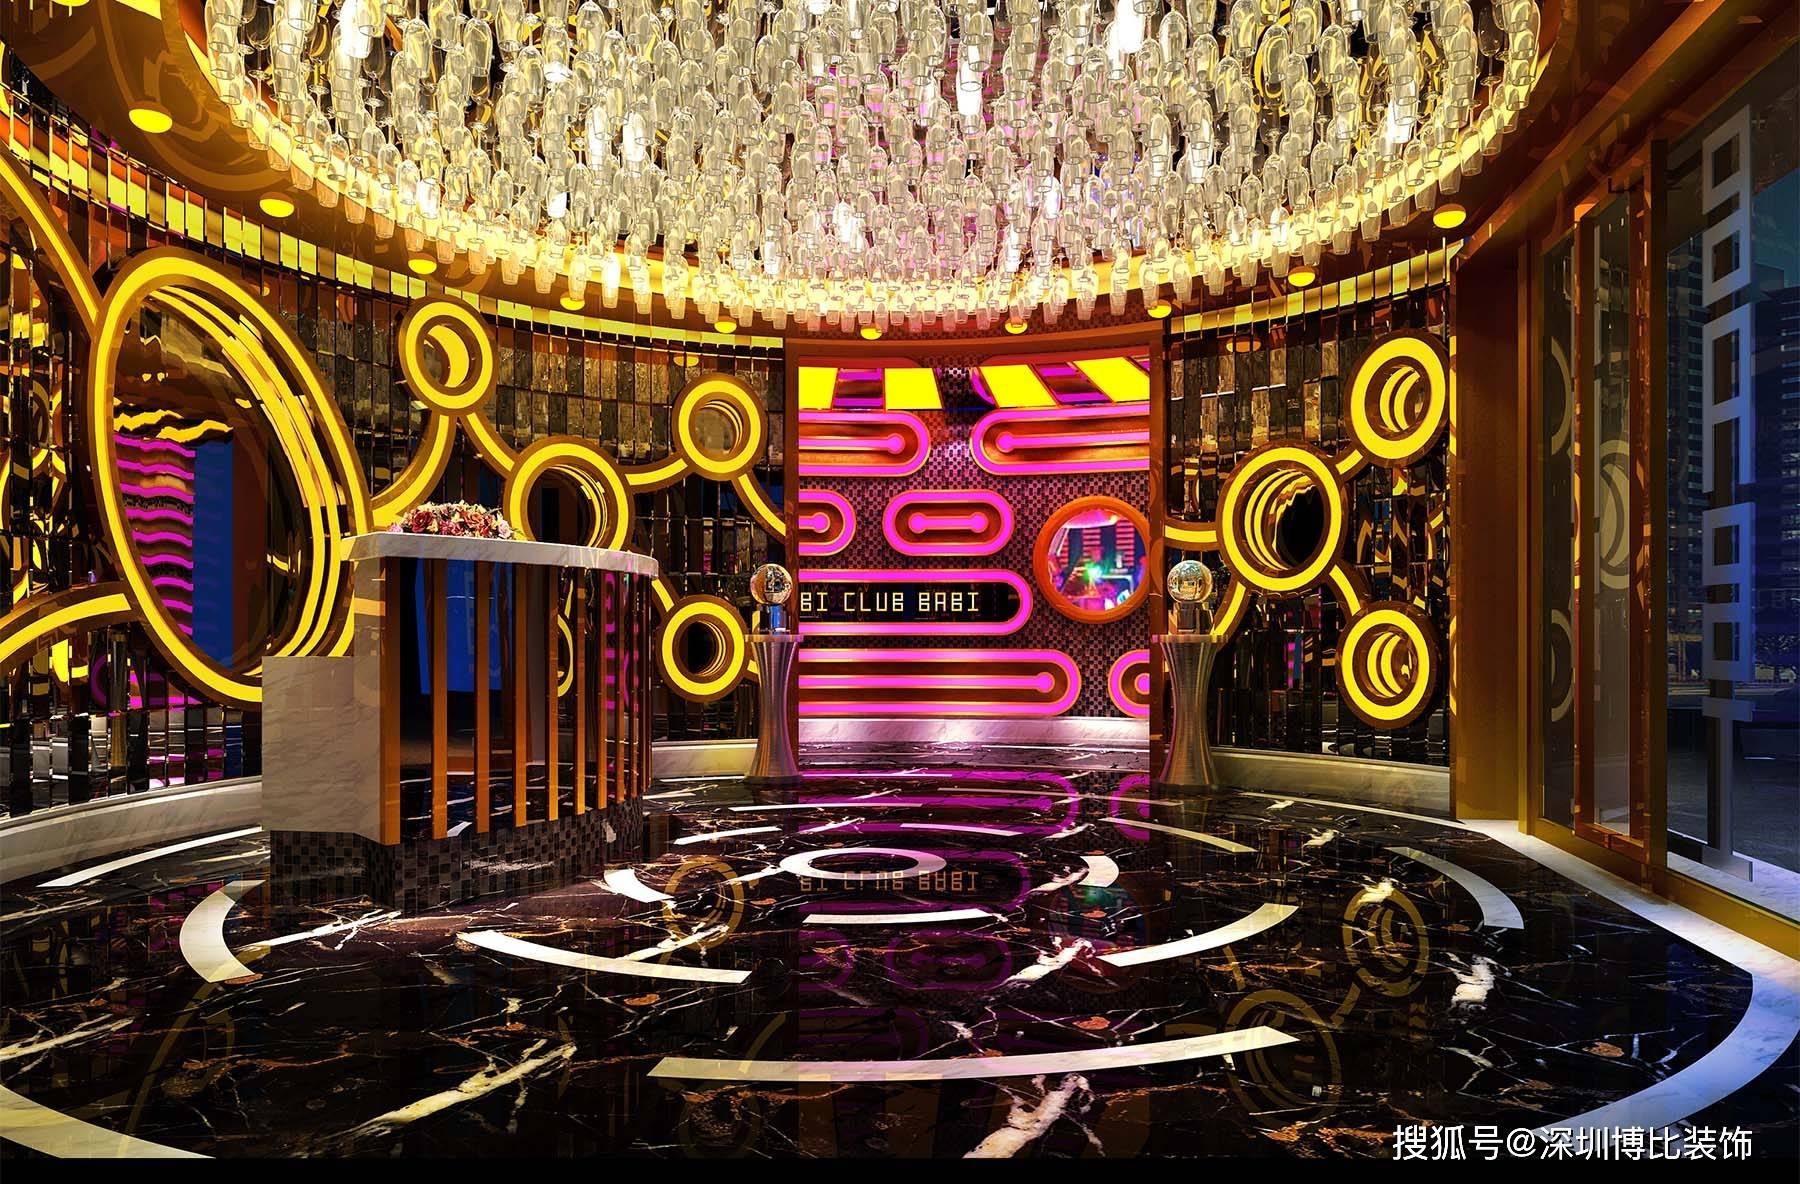 深圳市歌曲酒吧装修设计,技术专业酒吧装修设计企业